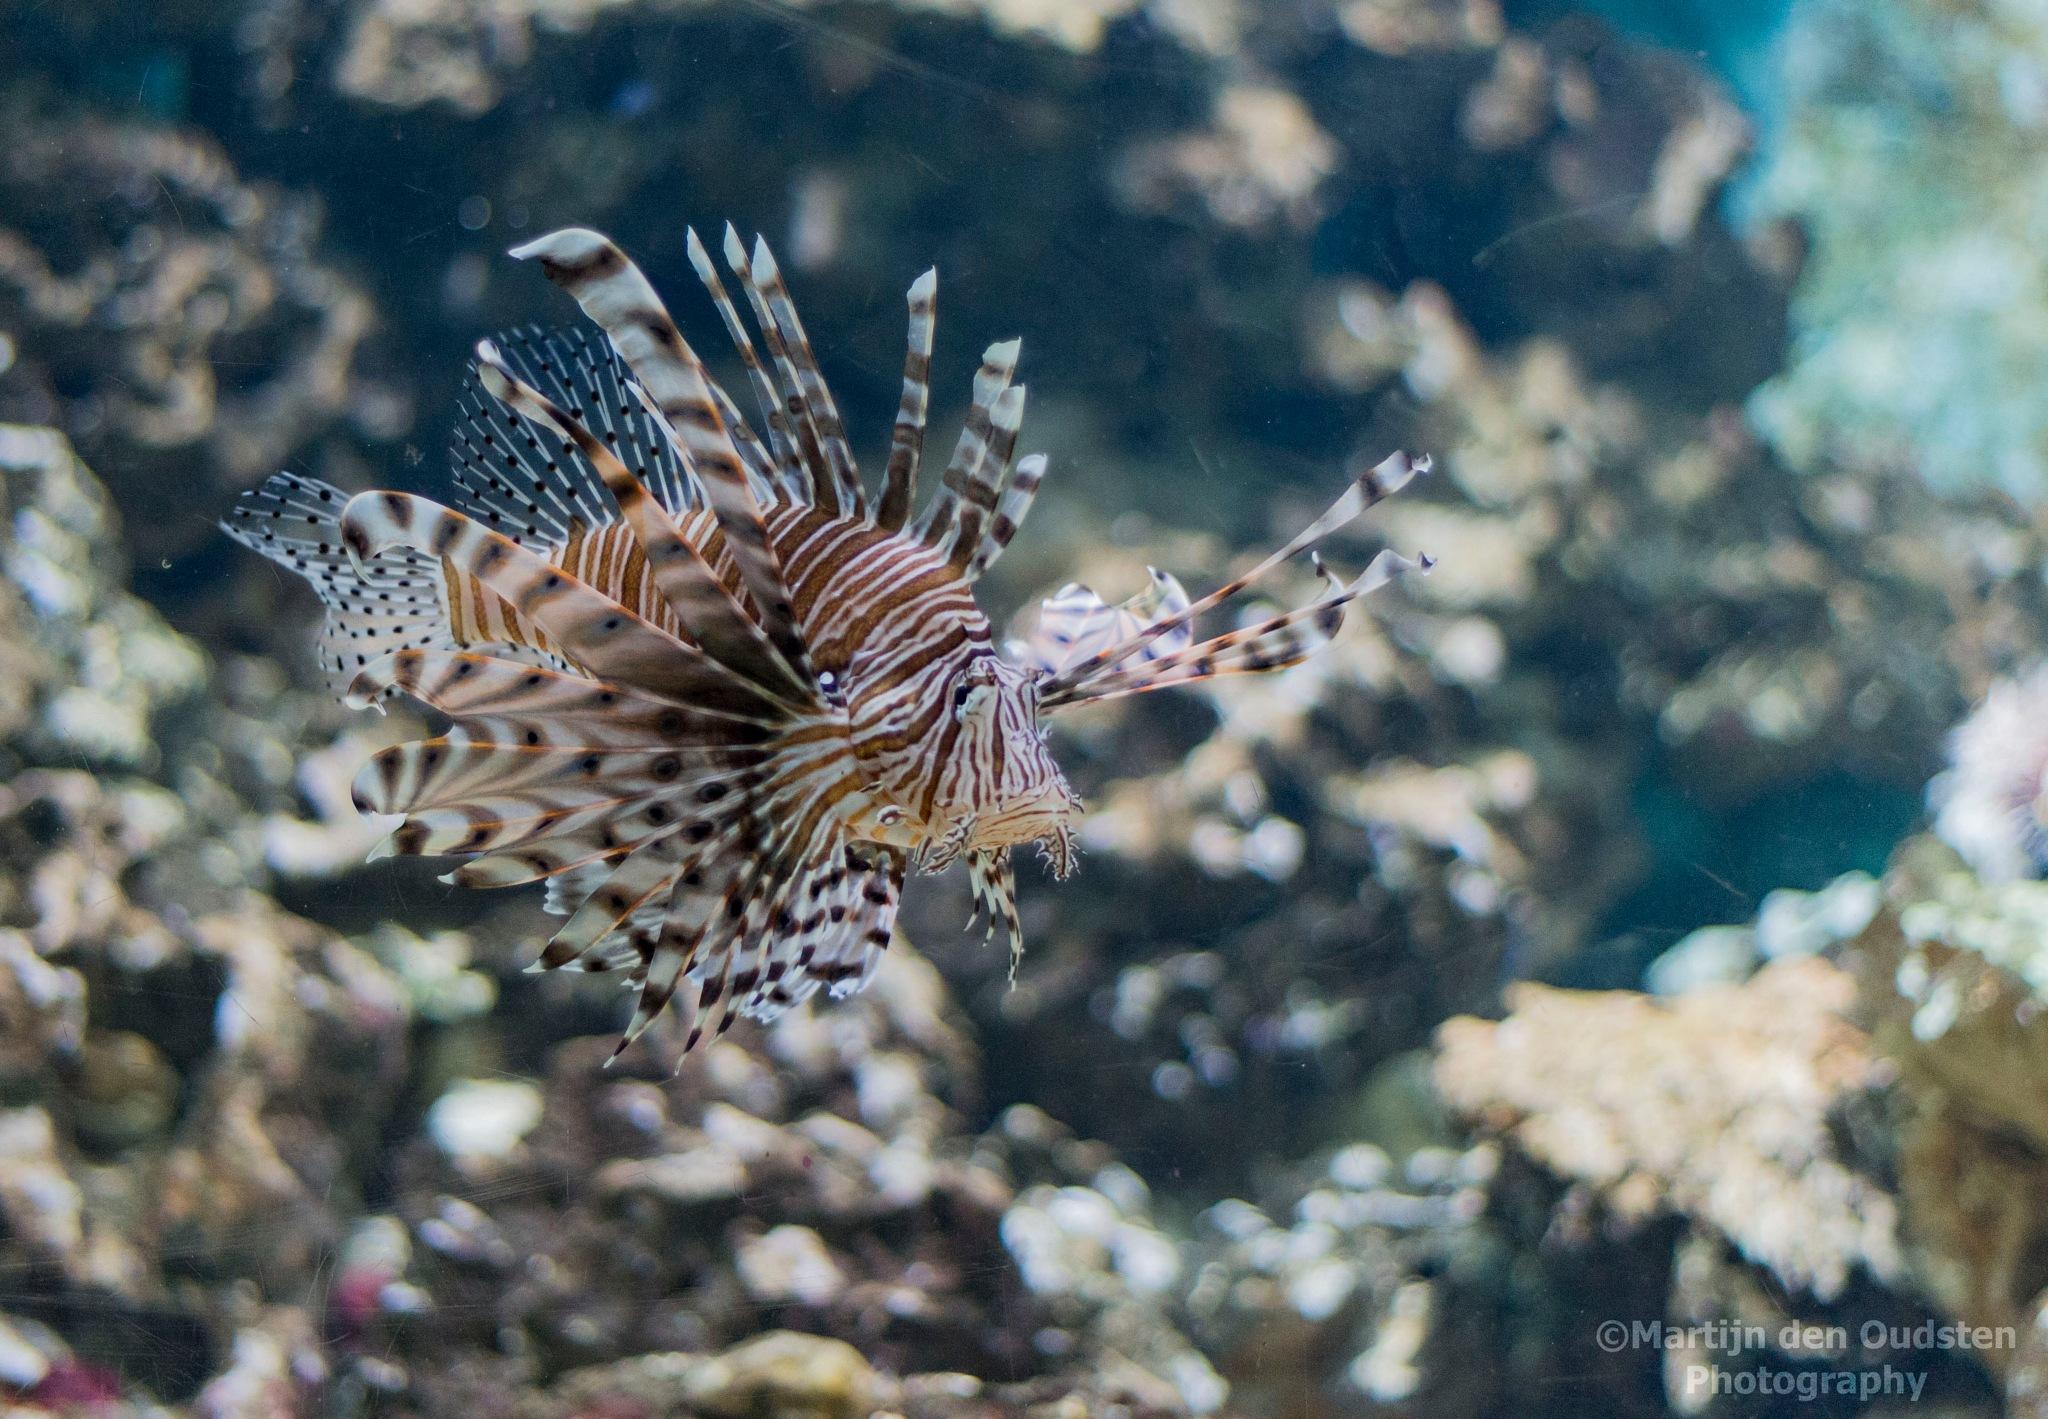 Lionfish by Martijn Den Oudsten